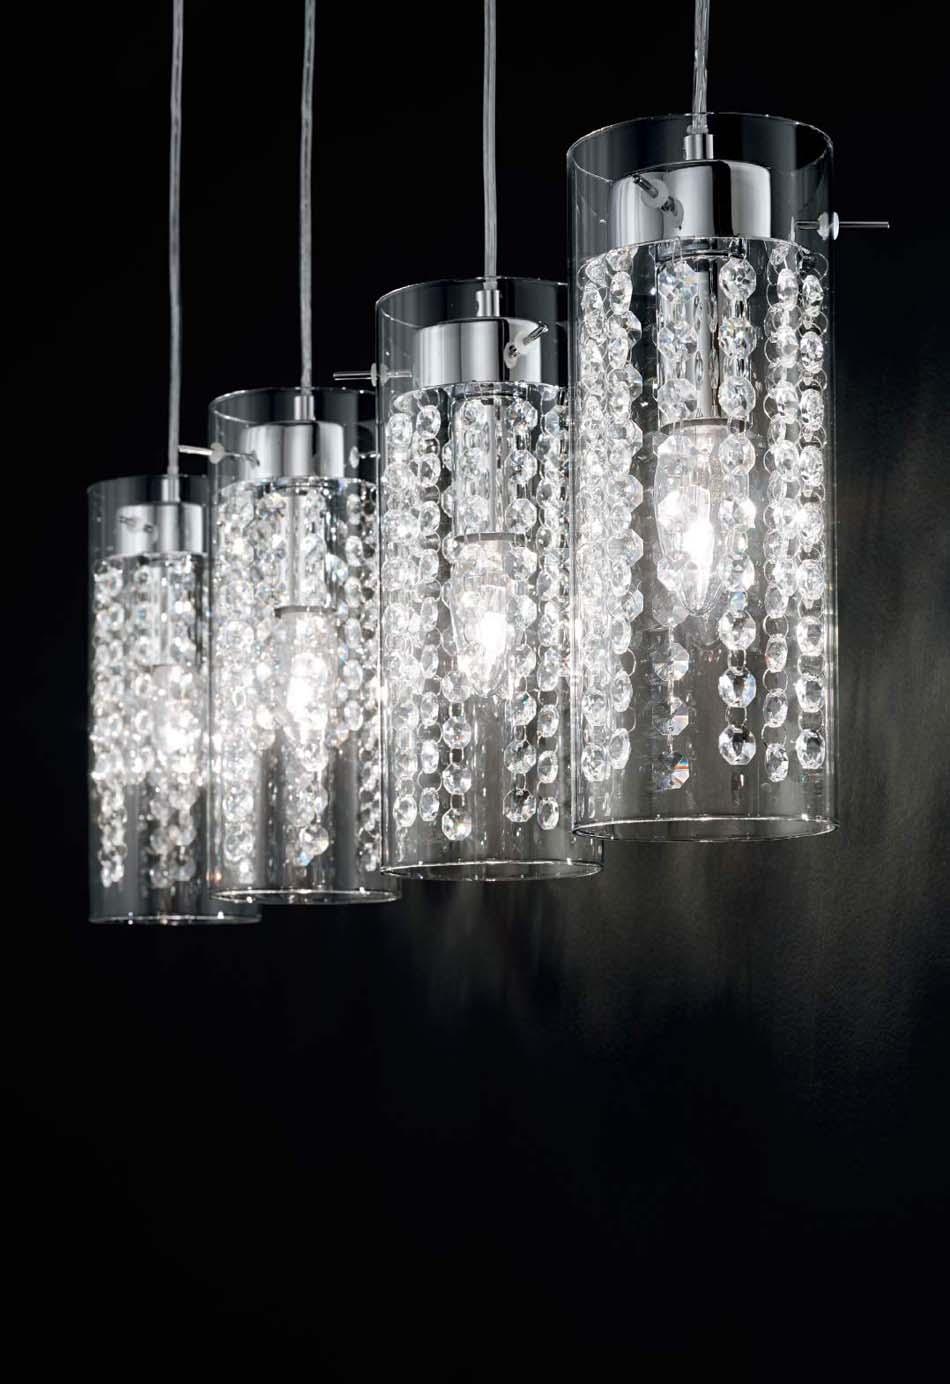 Lampade 59 sospese Ideal Lux Iguazu – Toscana Arredamenti